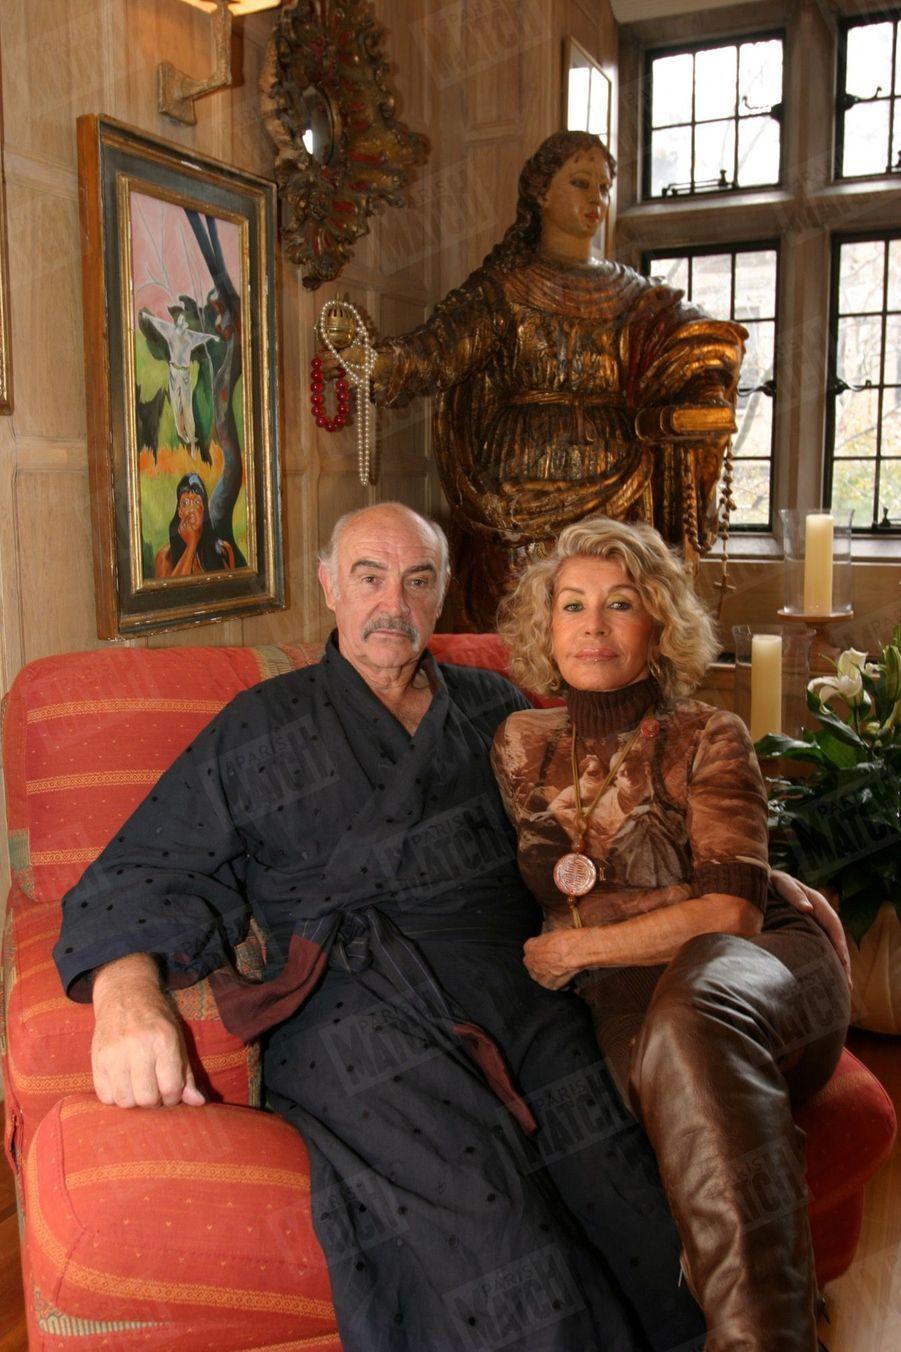 Sean Connery et son épouse Micheline dans le salon de leur appartement de Manhattan à New York en novembre 2004. Derrière eux, un tableau de Micheline et une statue du XVIIème siècle dont elle a restauré la tête.